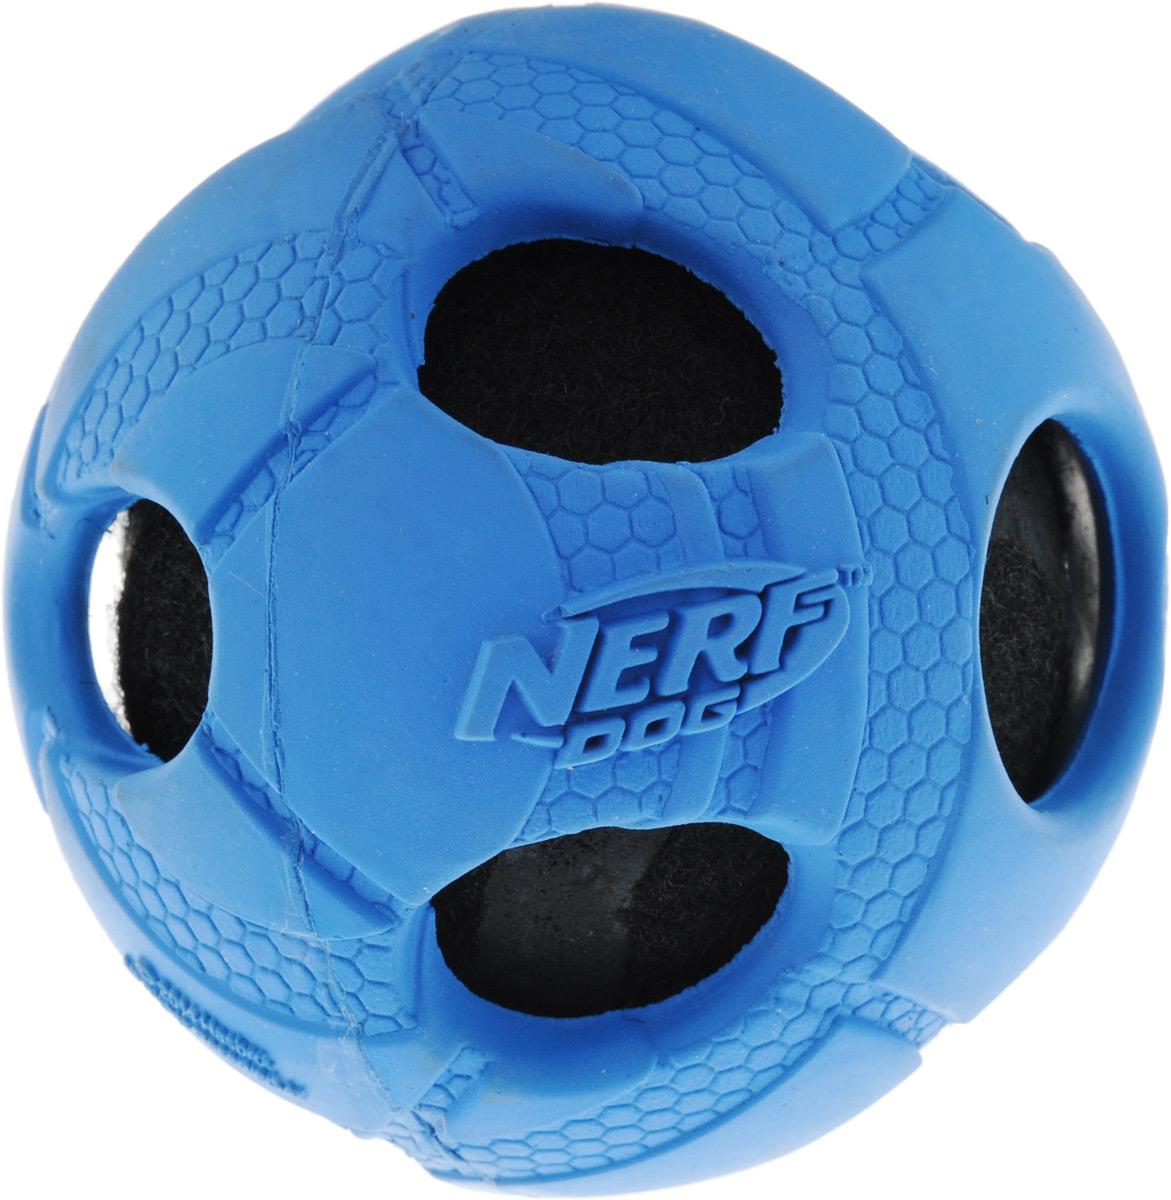 Игрушка для собак Nerf Мяч с отверстиями, цвет: синий, черный, 6 см75400Игрушка для собак Nerf Мяч с отверстиями выполнена из прочной резины с теннисным мячом внутри. Внутренний мяч пищит при нажатии. Такая игрушка порадует вашего любимца, а вам доставит массу приятных эмоций, ведь наблюдать за игрой всегда интересно и приятно. Диаметр игрушки: 6 см.